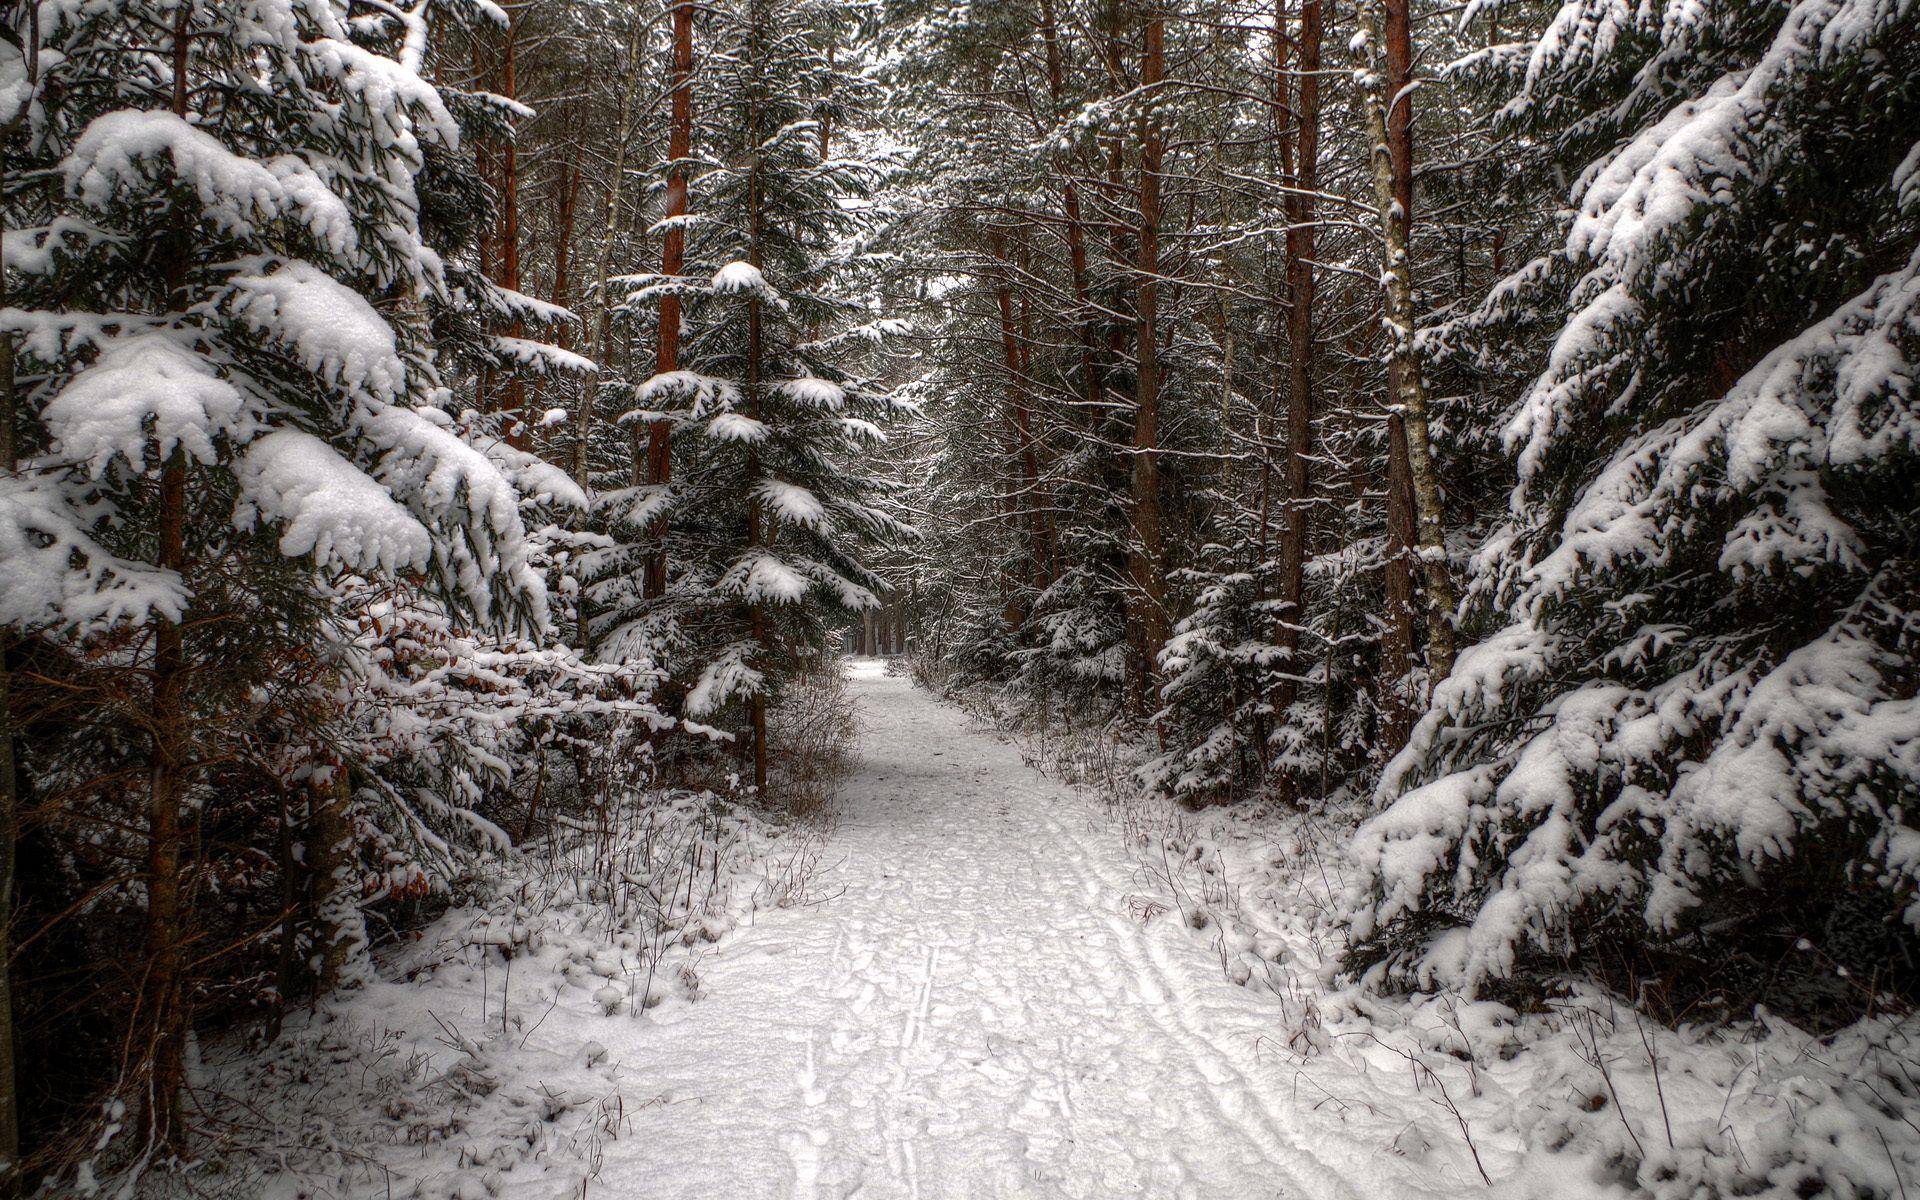 Tracks Spruce Pine Winter Forest Track Snow Winter Scenery Winter Wallpaper Desktop Winter Wallpaper Hd wallpaper winter nature forest path